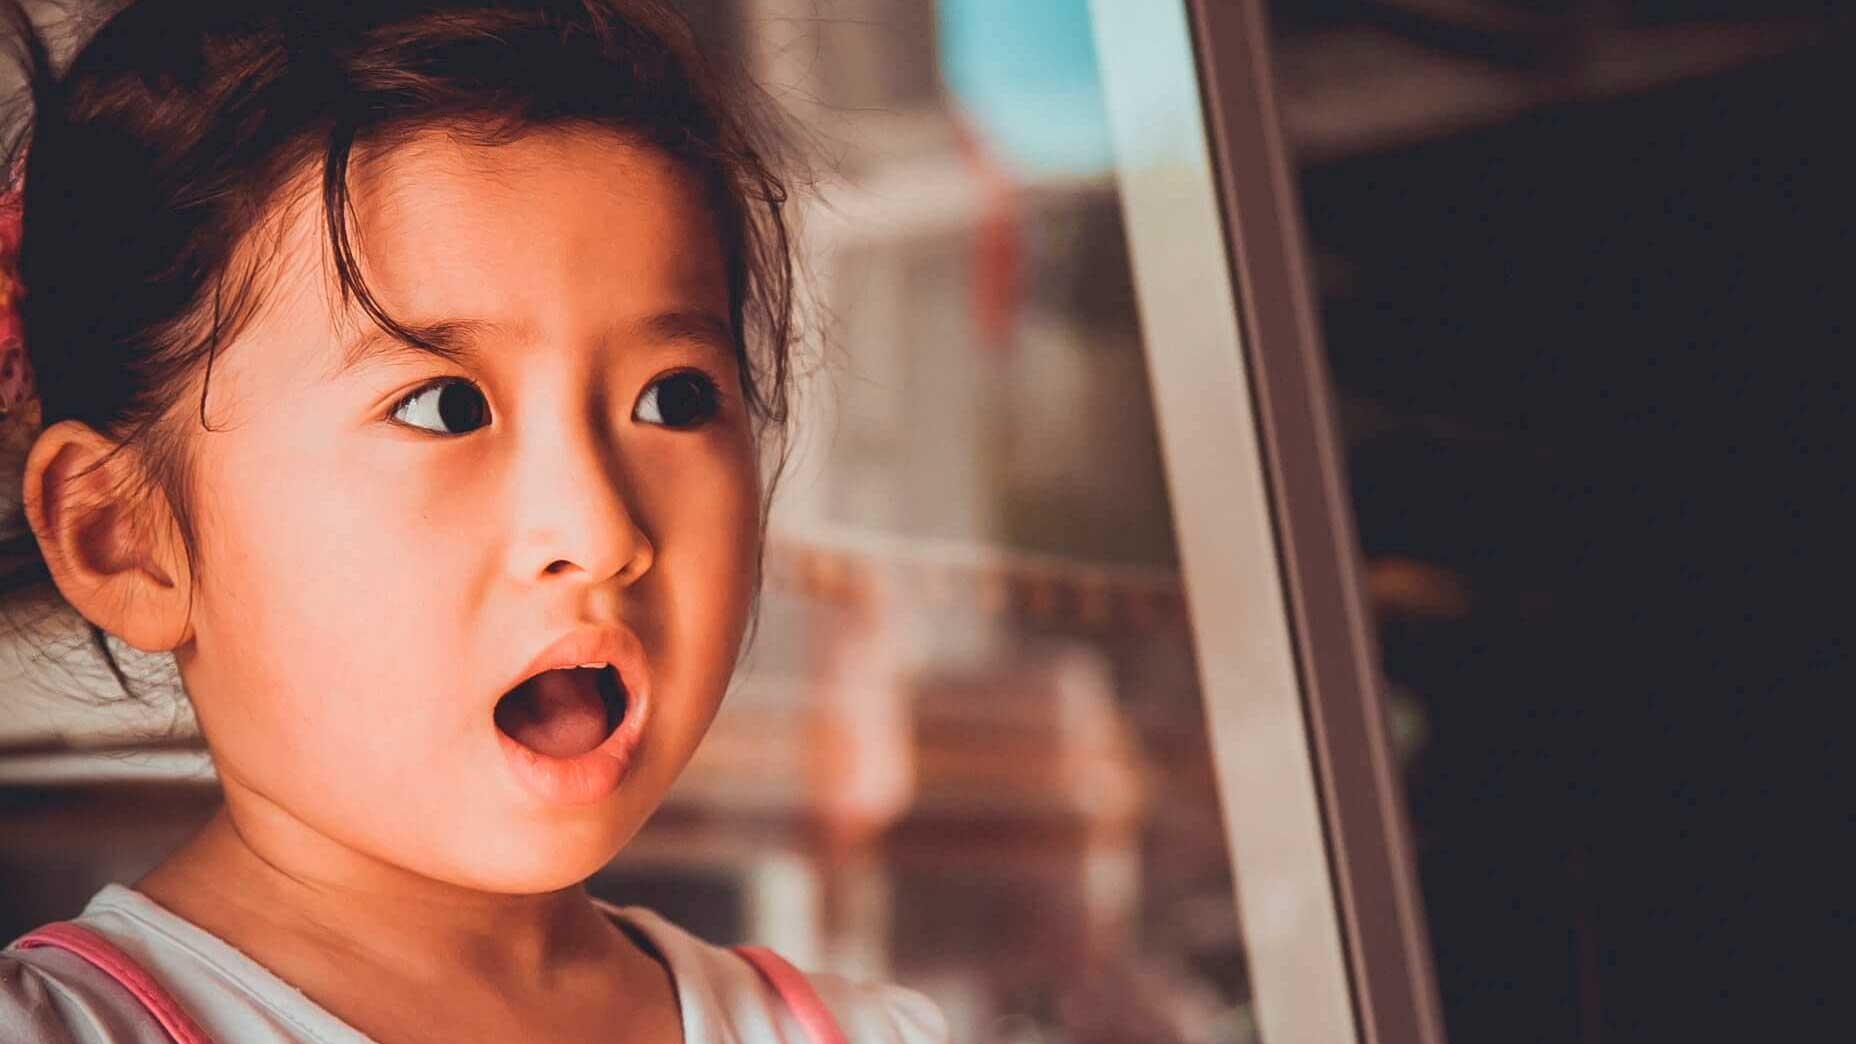 Meu filho não me obedece — Como posso fazer com que ele me ouça? - Menina surpresa